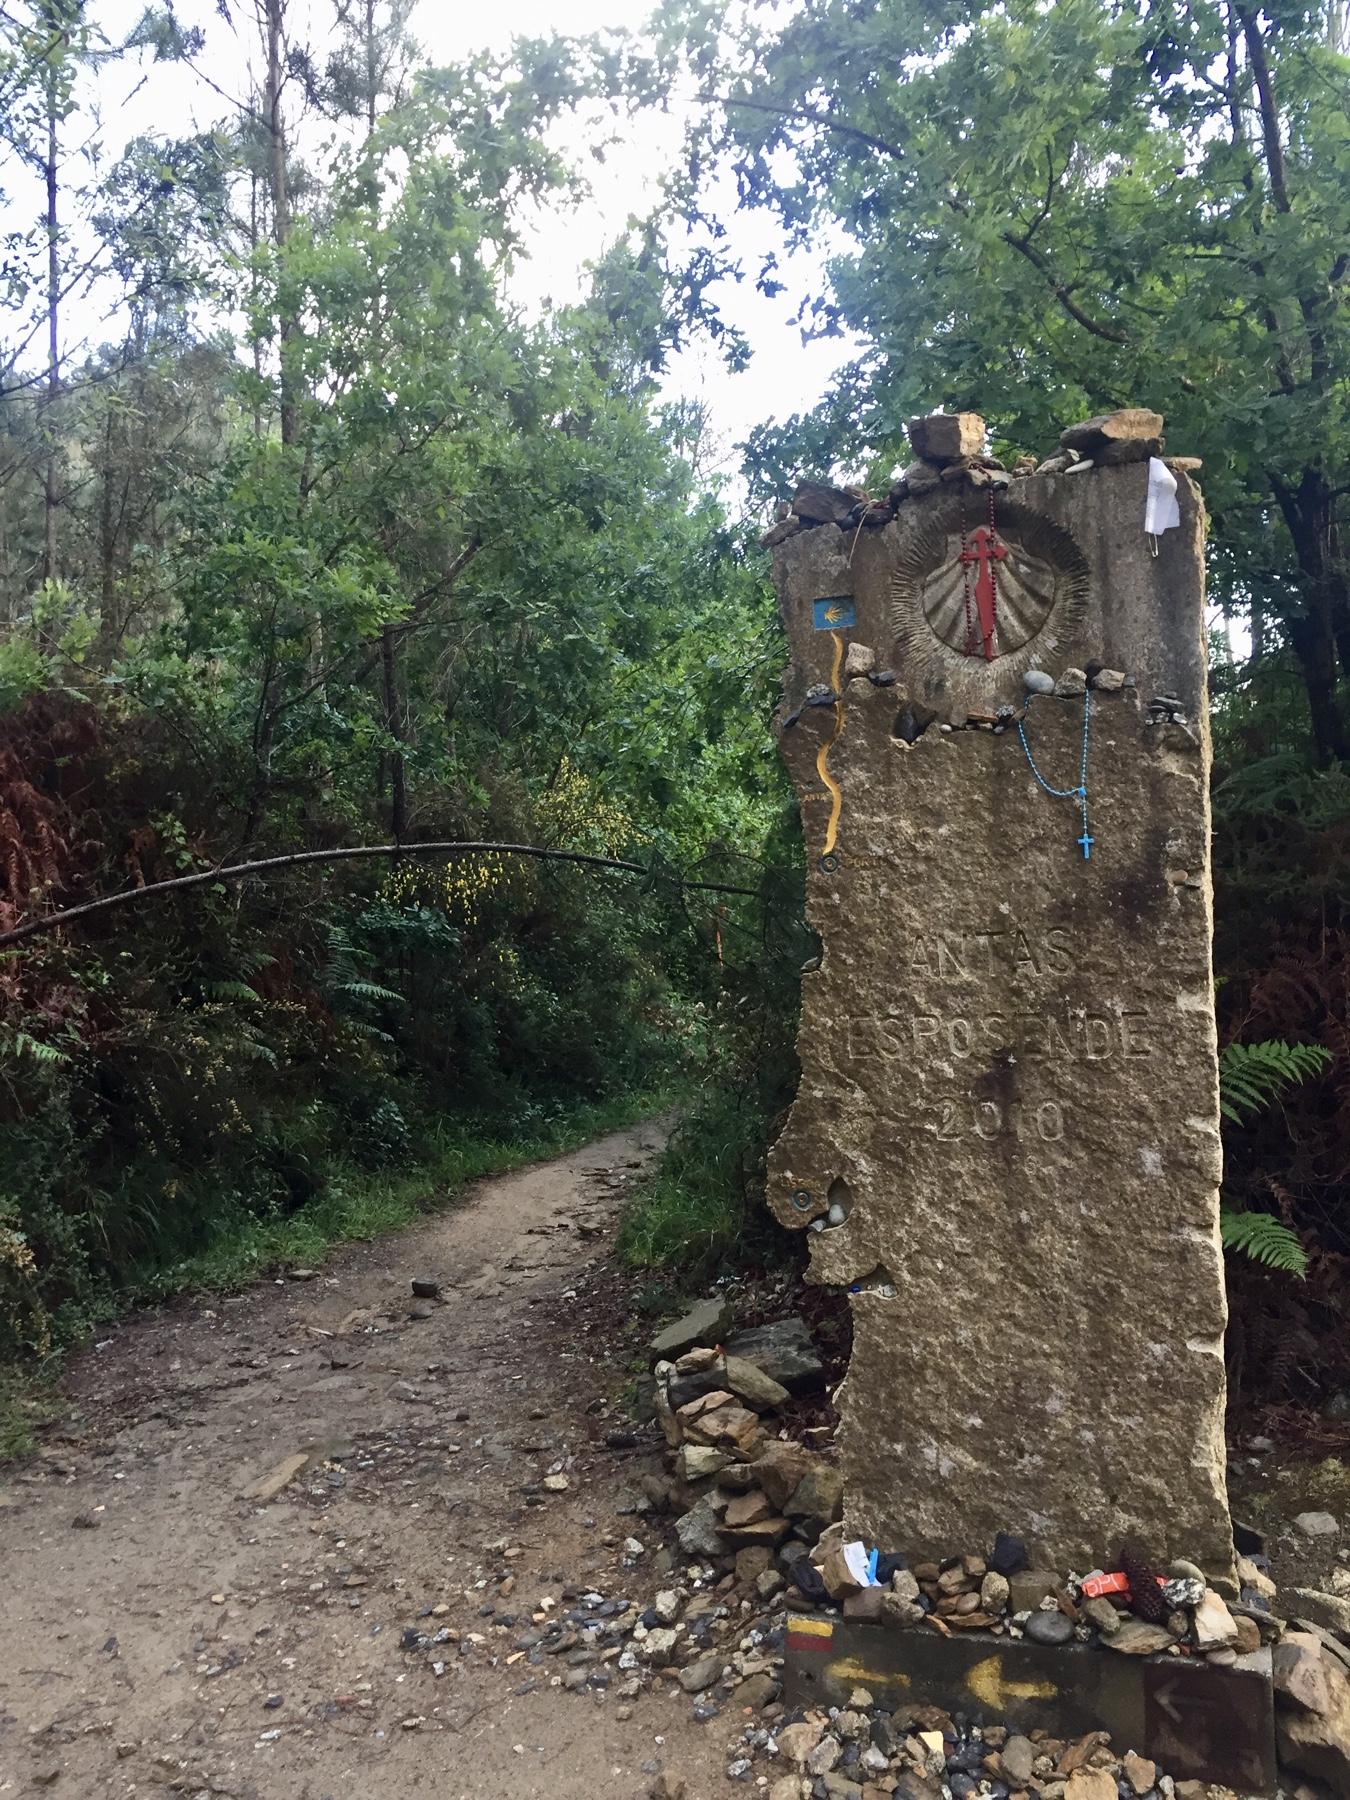 Wegweiser auf dem Caminho Portugues auf dem Weg nach Viana do Castelo